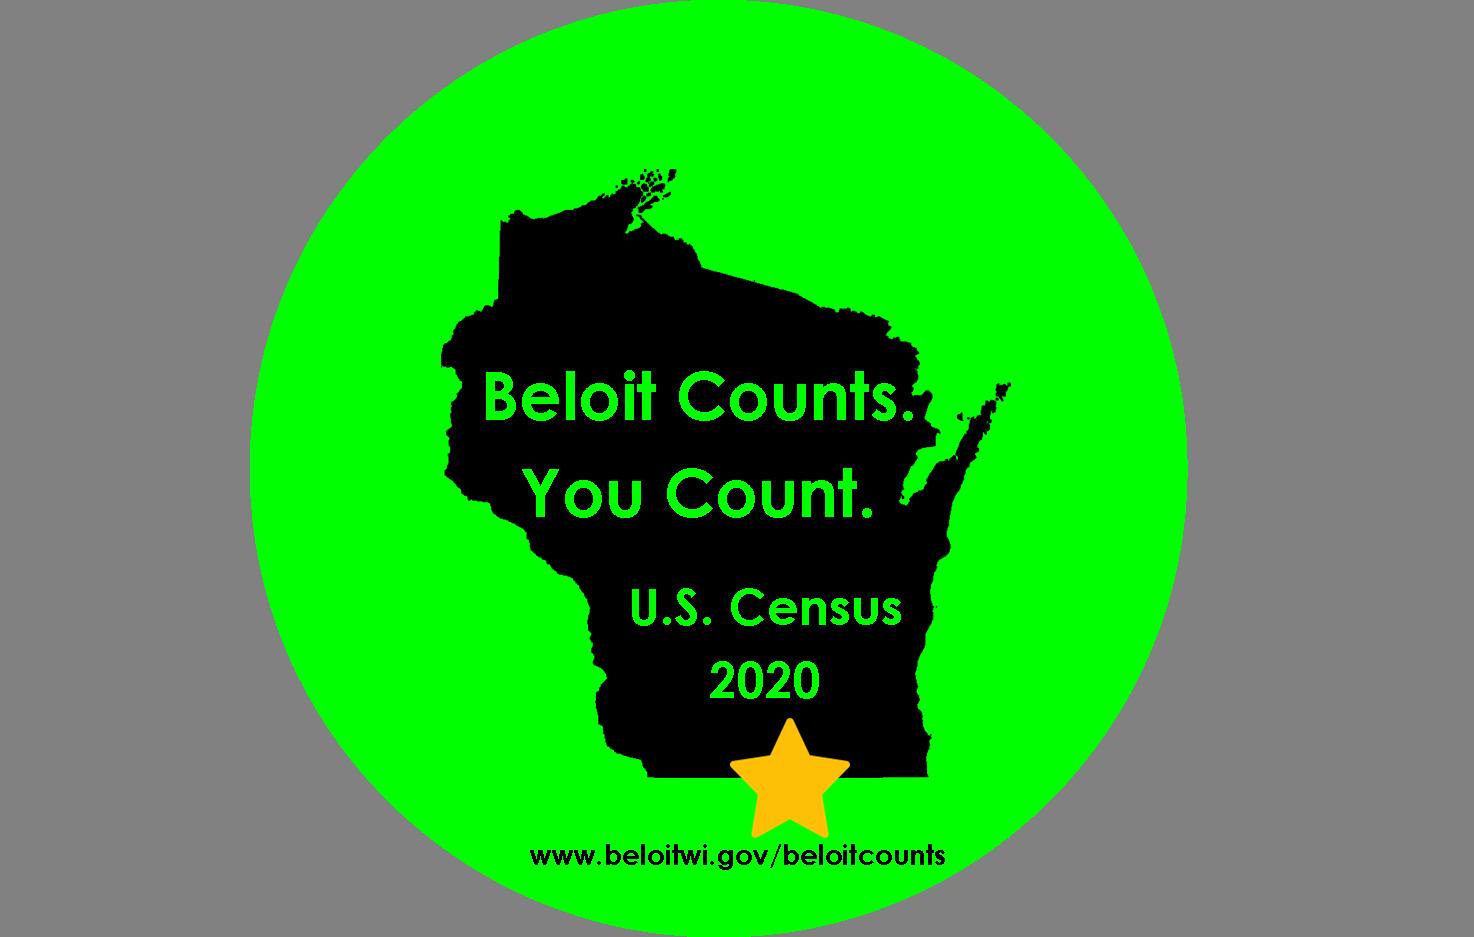 Beloit Counts